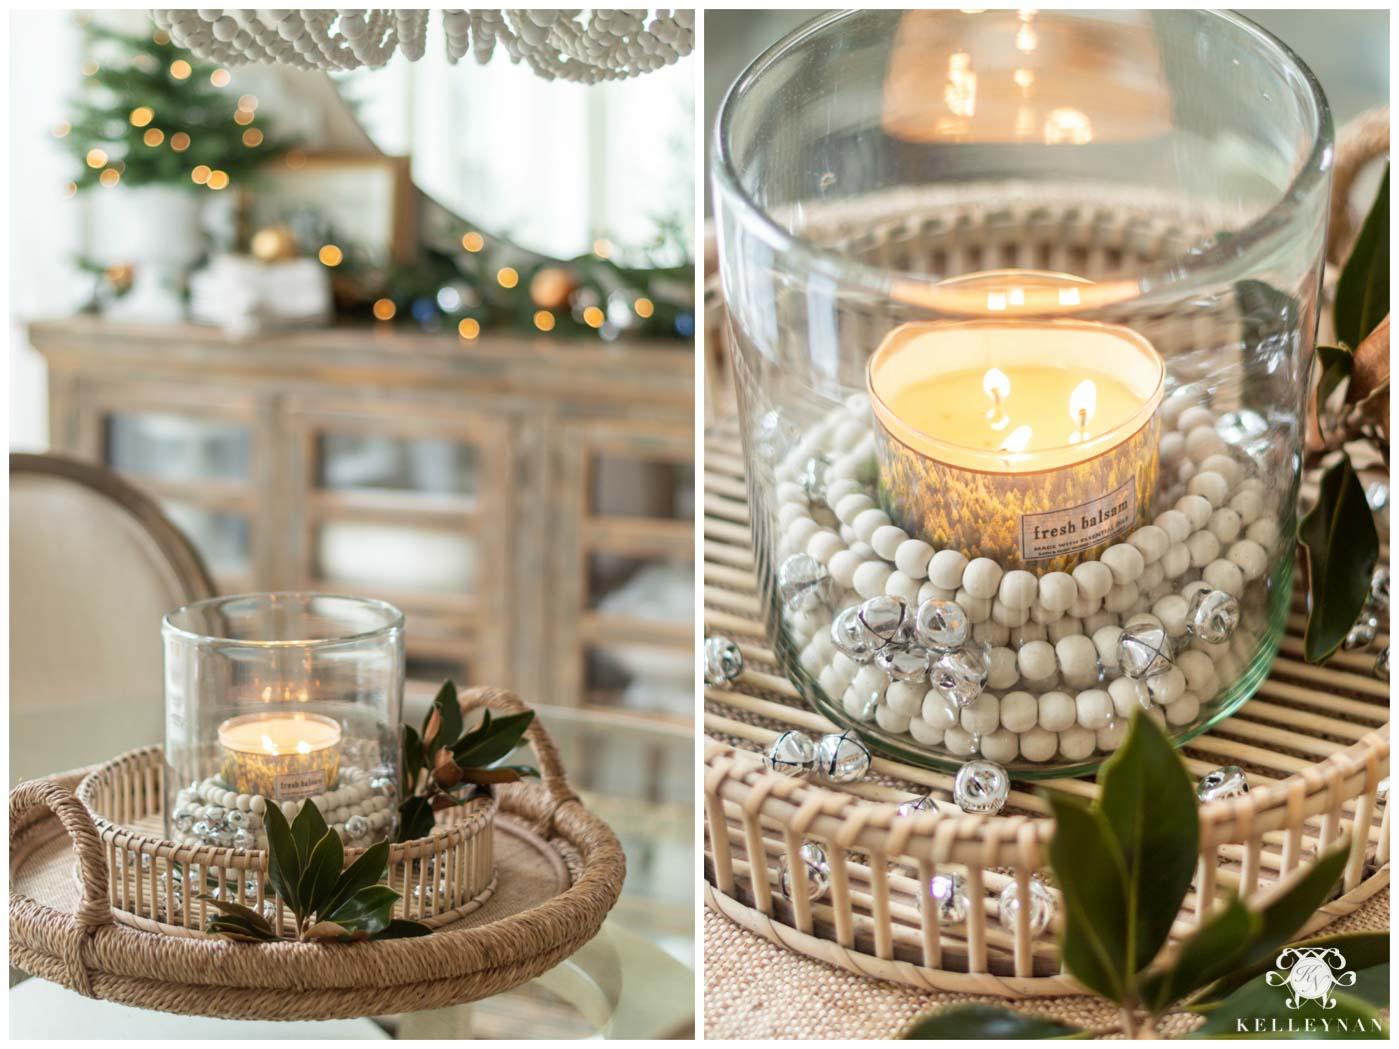 Simple Candle Table Centerpiece Idea